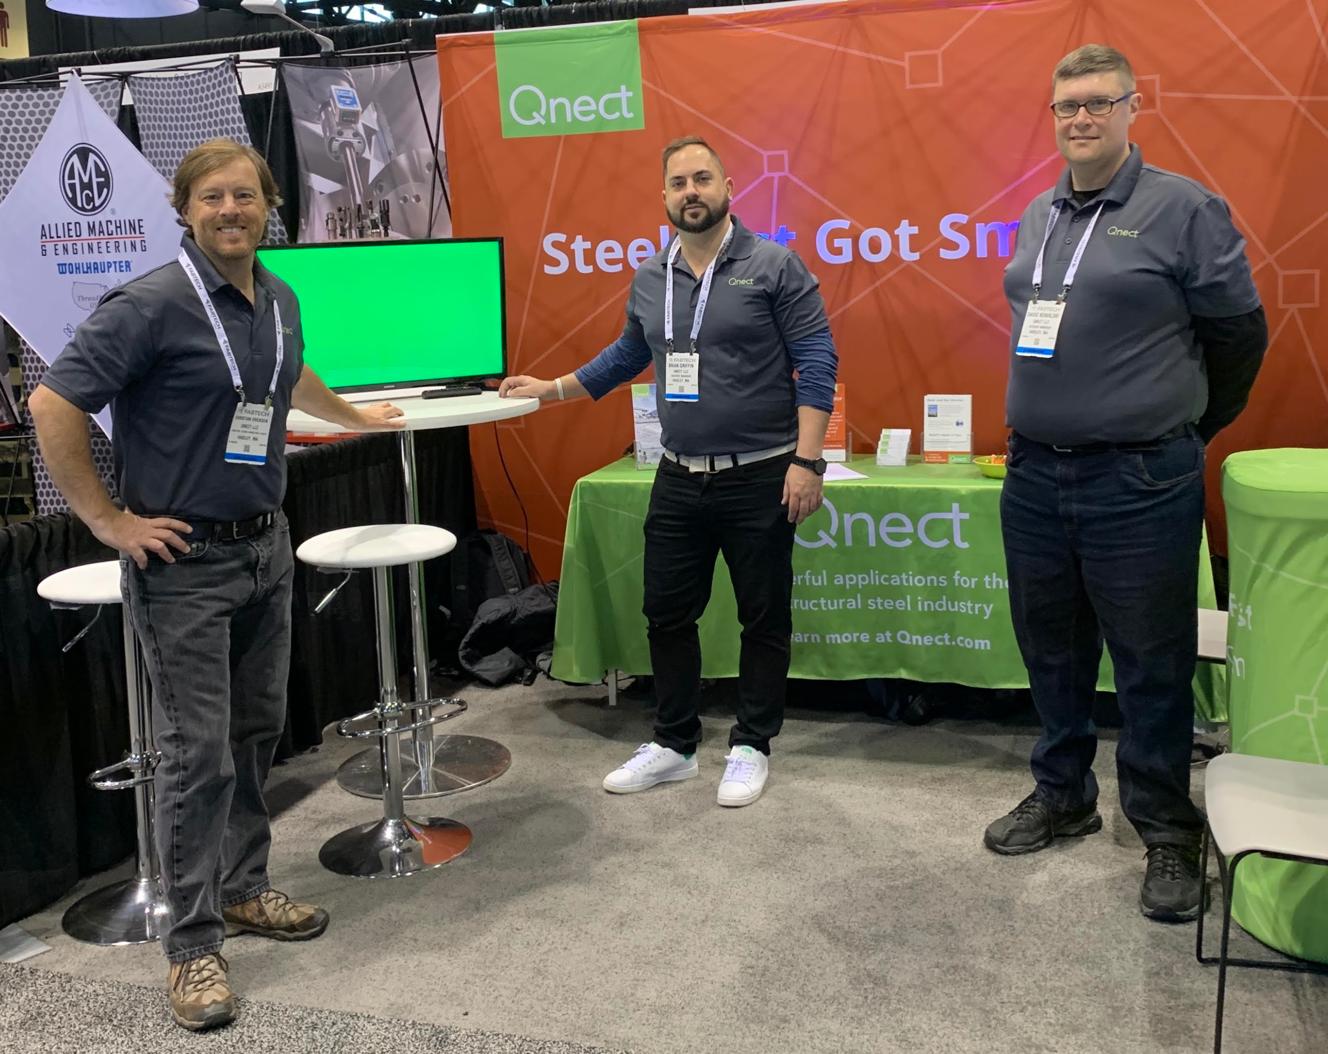 FABTECH 2019 - Chicago - Christian Erickson Marketing Director Booth-04